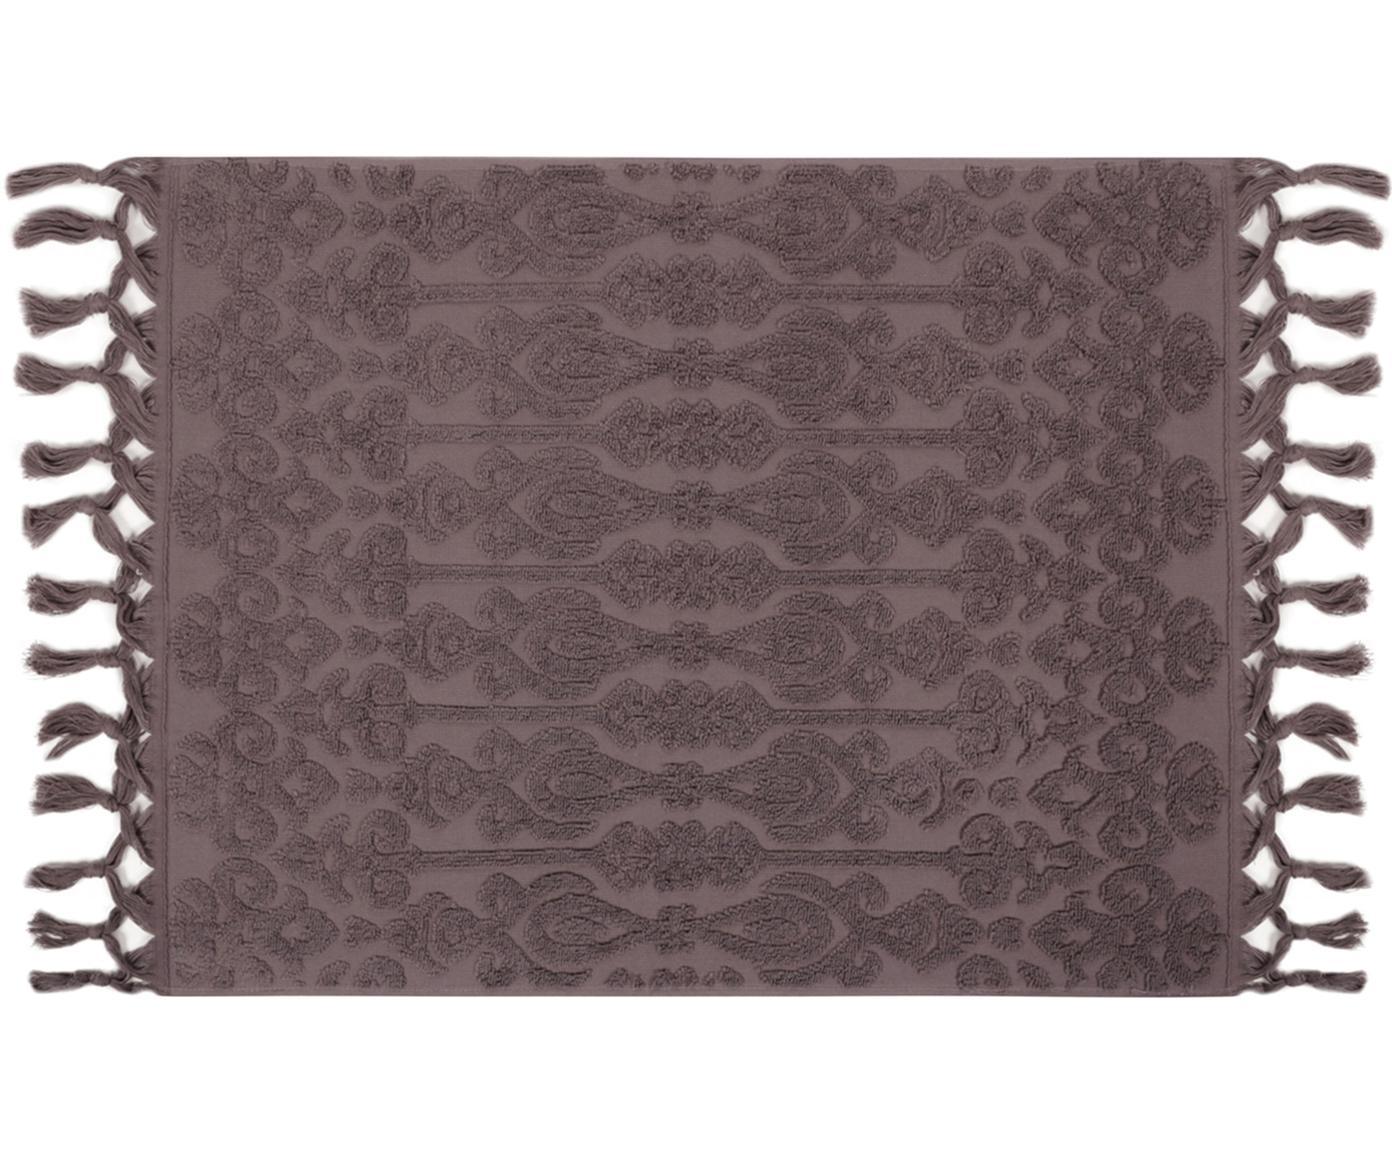 Badvorleger Victoria mit Paisley-Muster, 100% Baumwolle, Steingrau, 50 x 70 cm